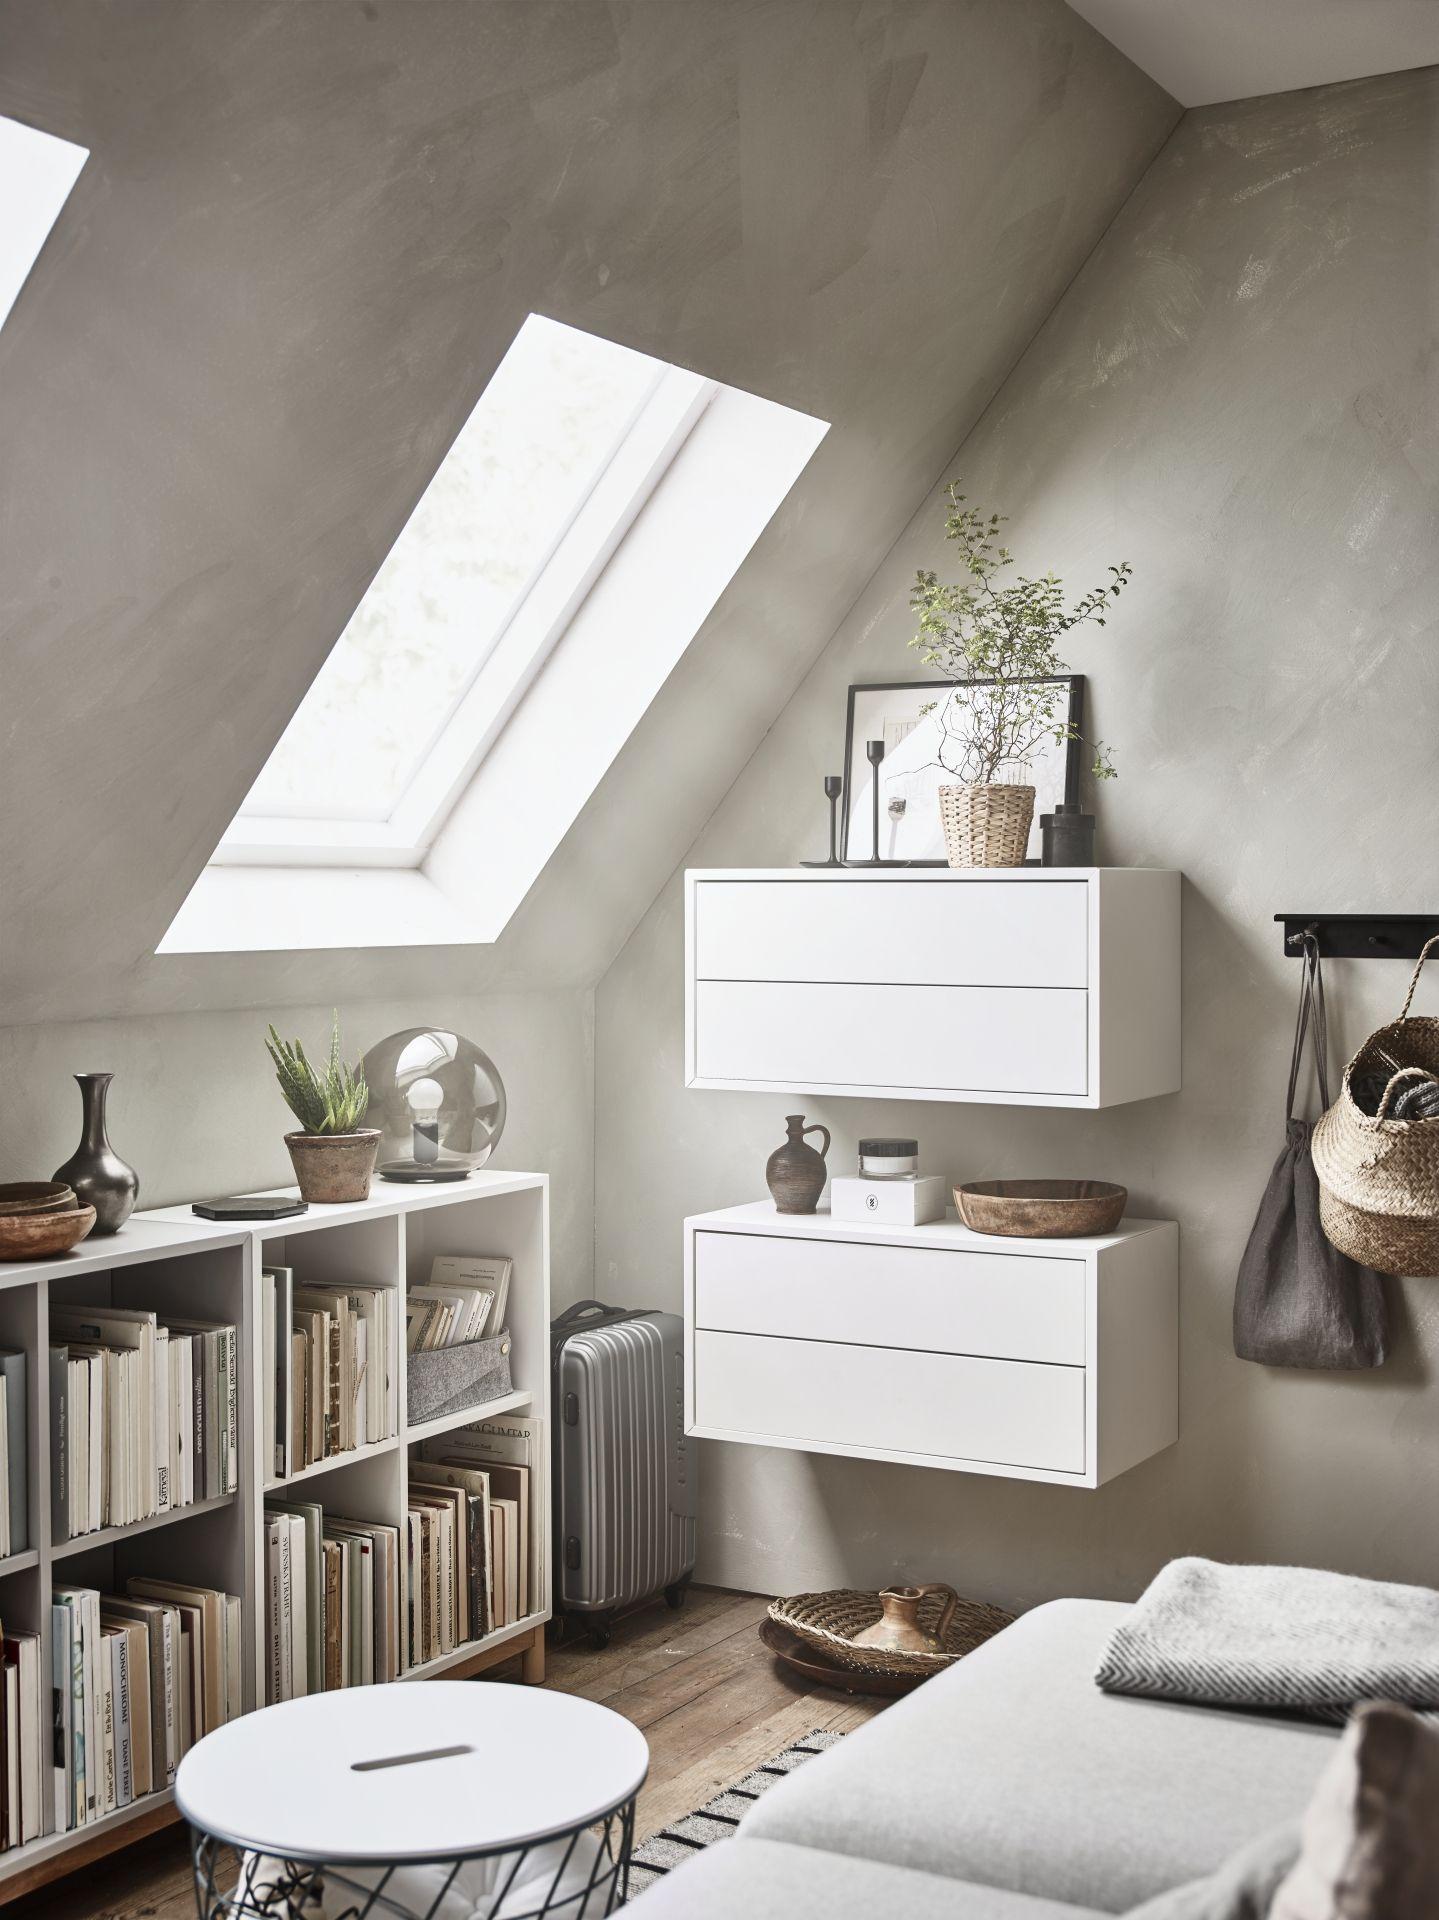 Eket Schrank Mit 2 Schubladen Weiss Home Design In 2019